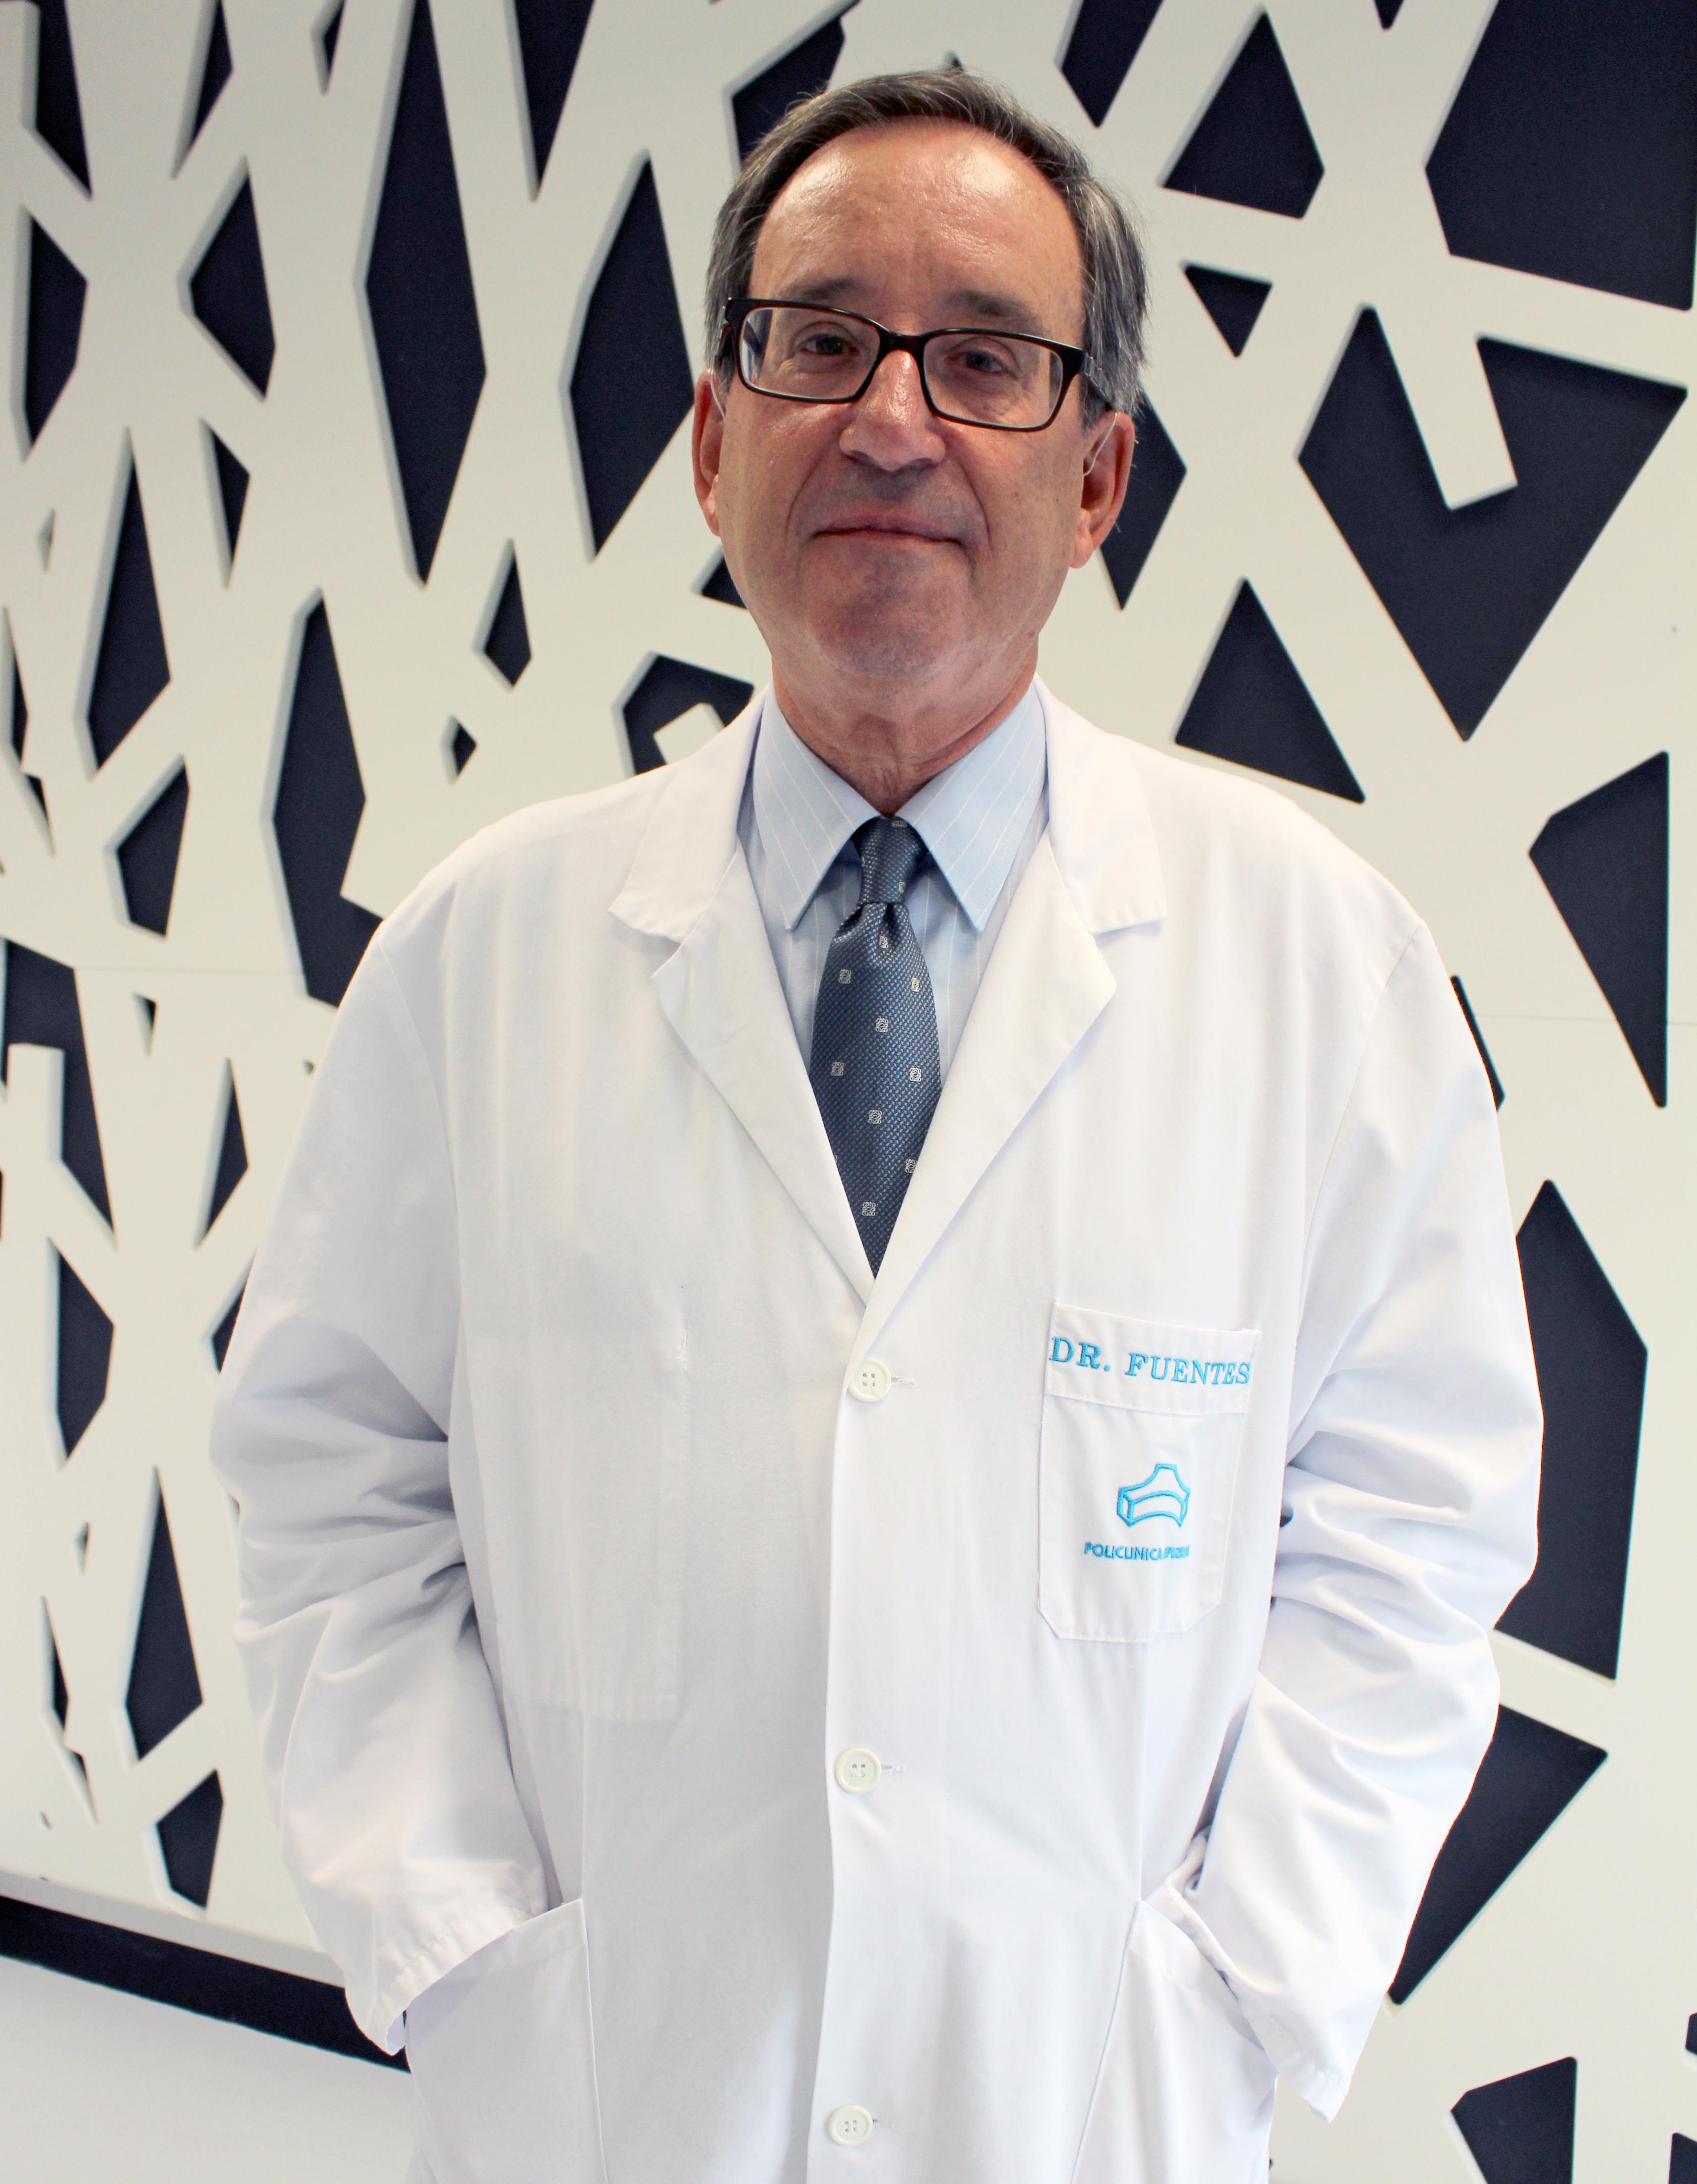 Dr. Joaquín Fuentes, jefe del Servicio de Psiquiatría Infantil de Policlínica Gipuzkoa